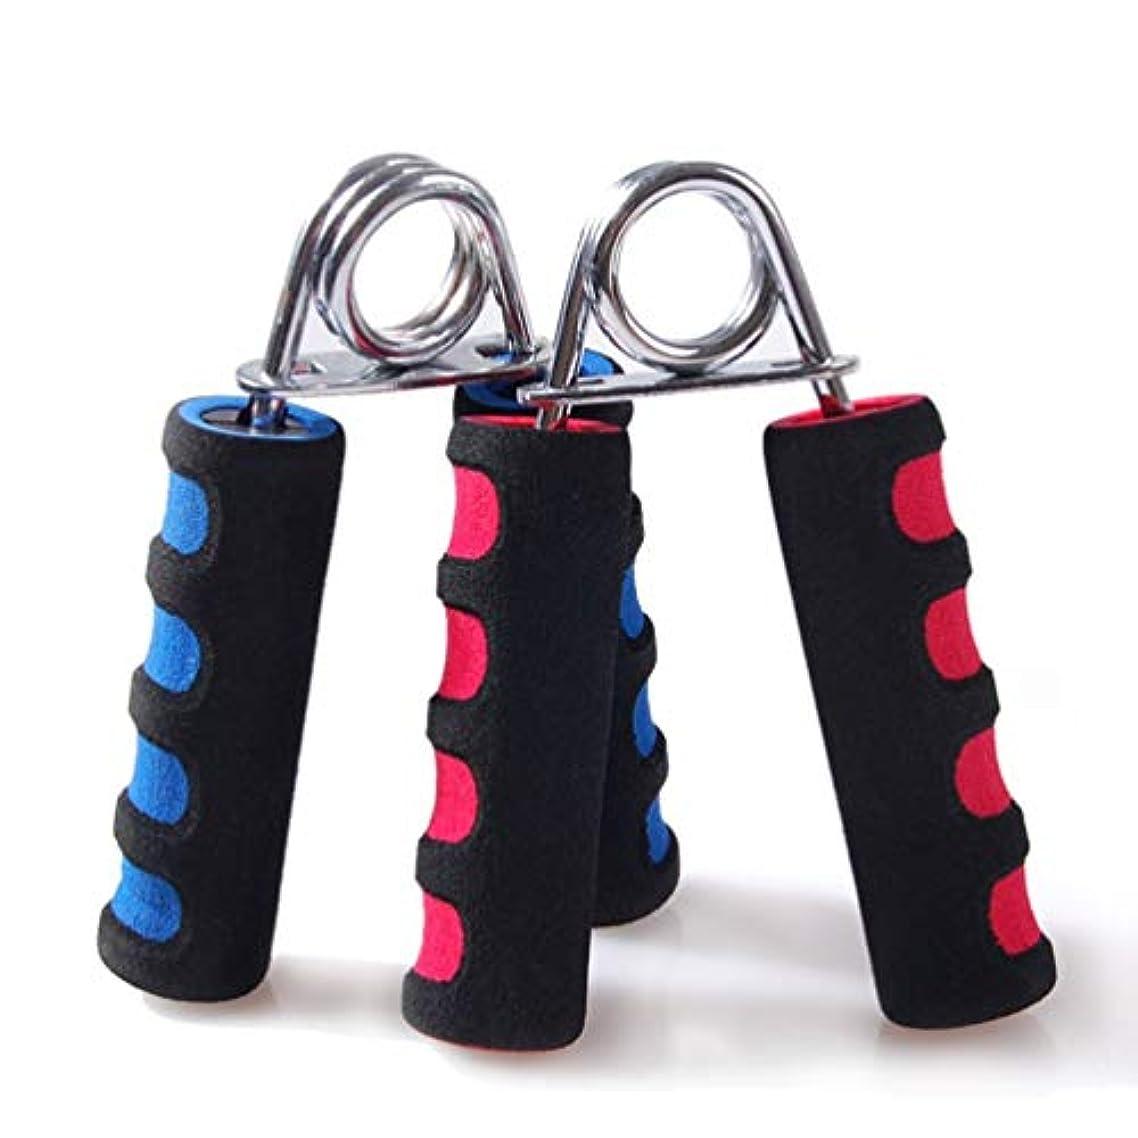 ペンフレンド制裁つなぐハンドグリッパーアーム手首エクササイザフィットネスグリップジムと毎日の運動のためのヘビーストレングストレーナー - カラーランダム